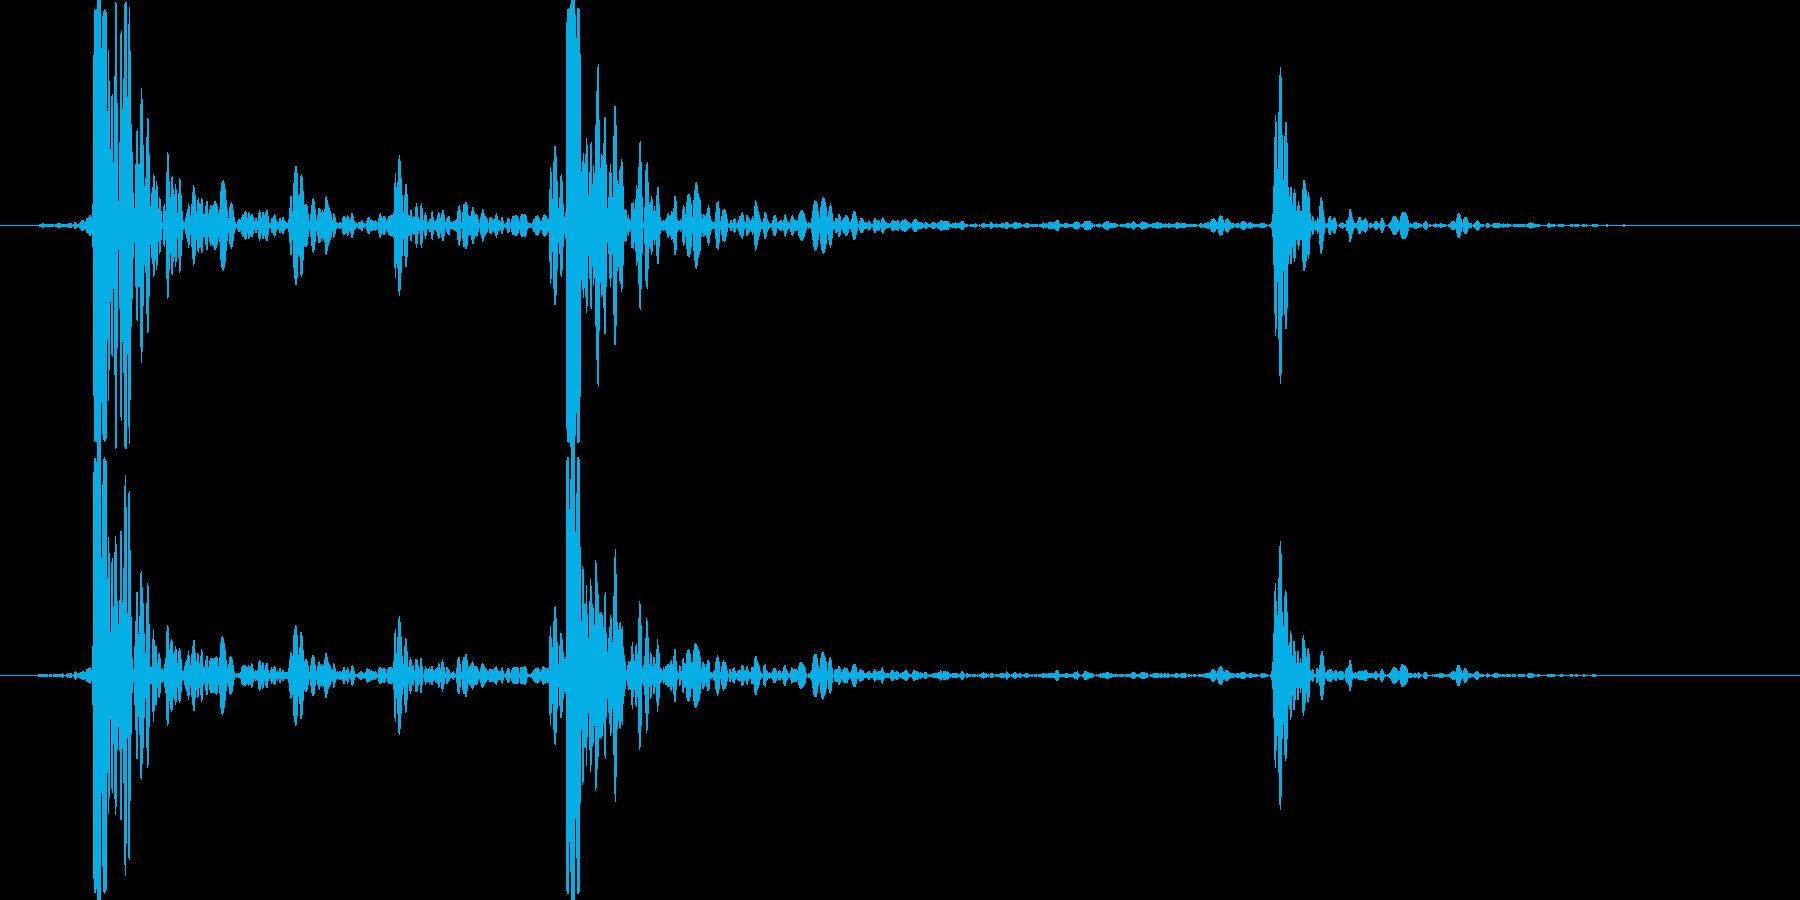 木製の机に石ころを置いた音の再生済みの波形